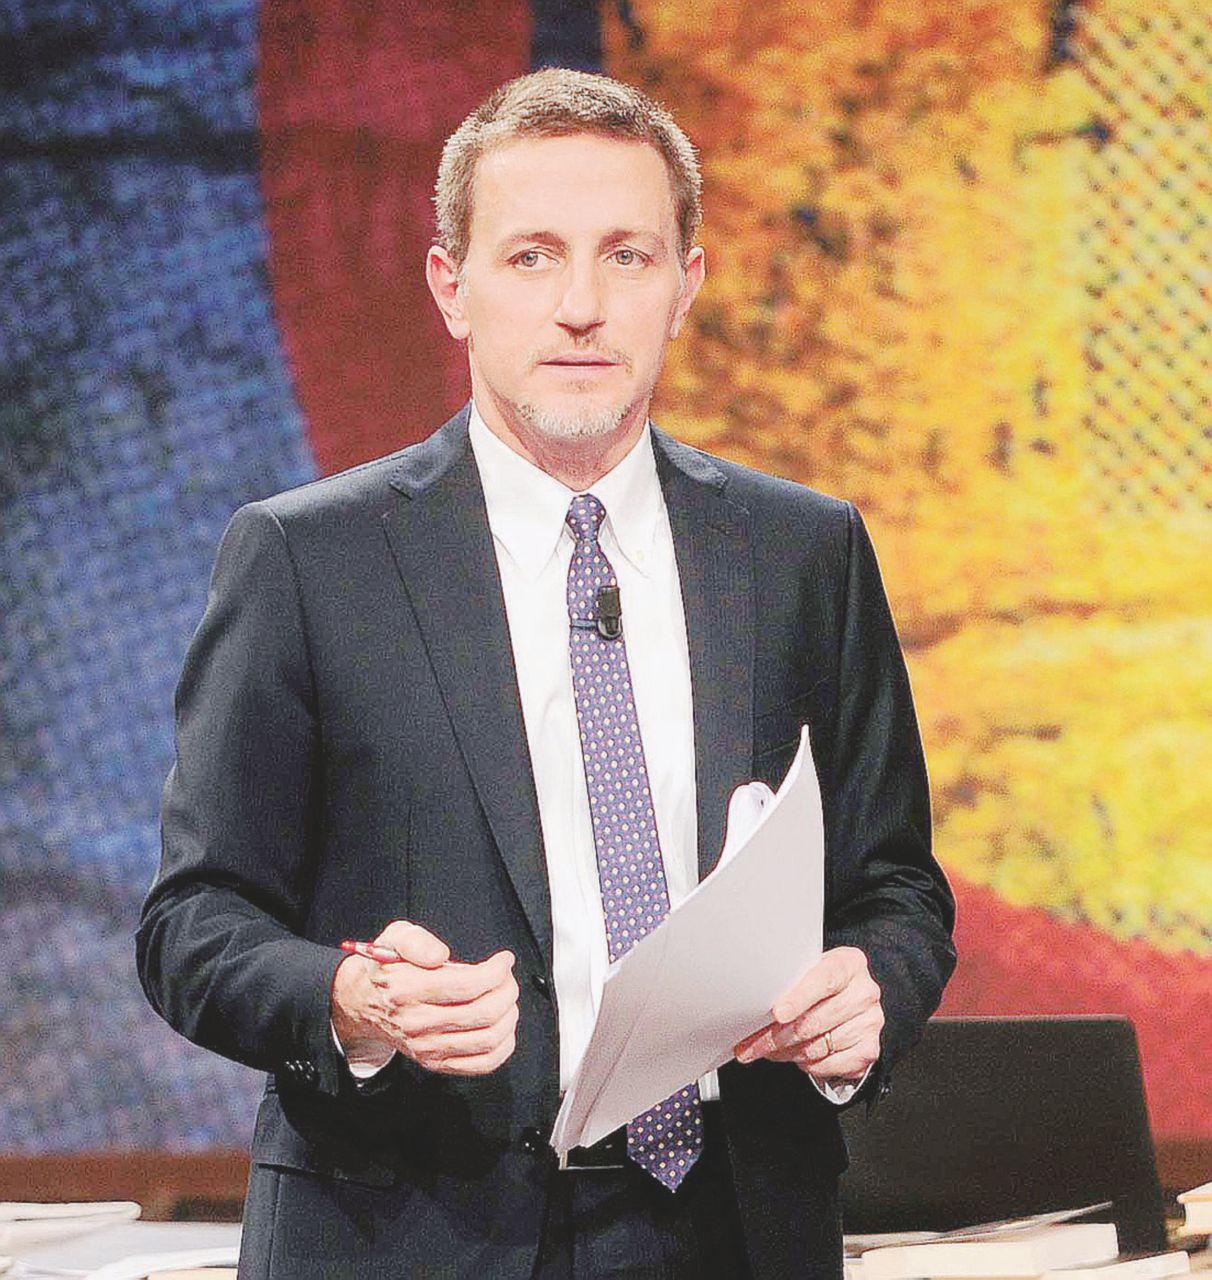 In Edicola sul Fatto Quotidiano del 4 agosto: Ufficiale: via  la Berlinguer, l'unica che dava spazio al No